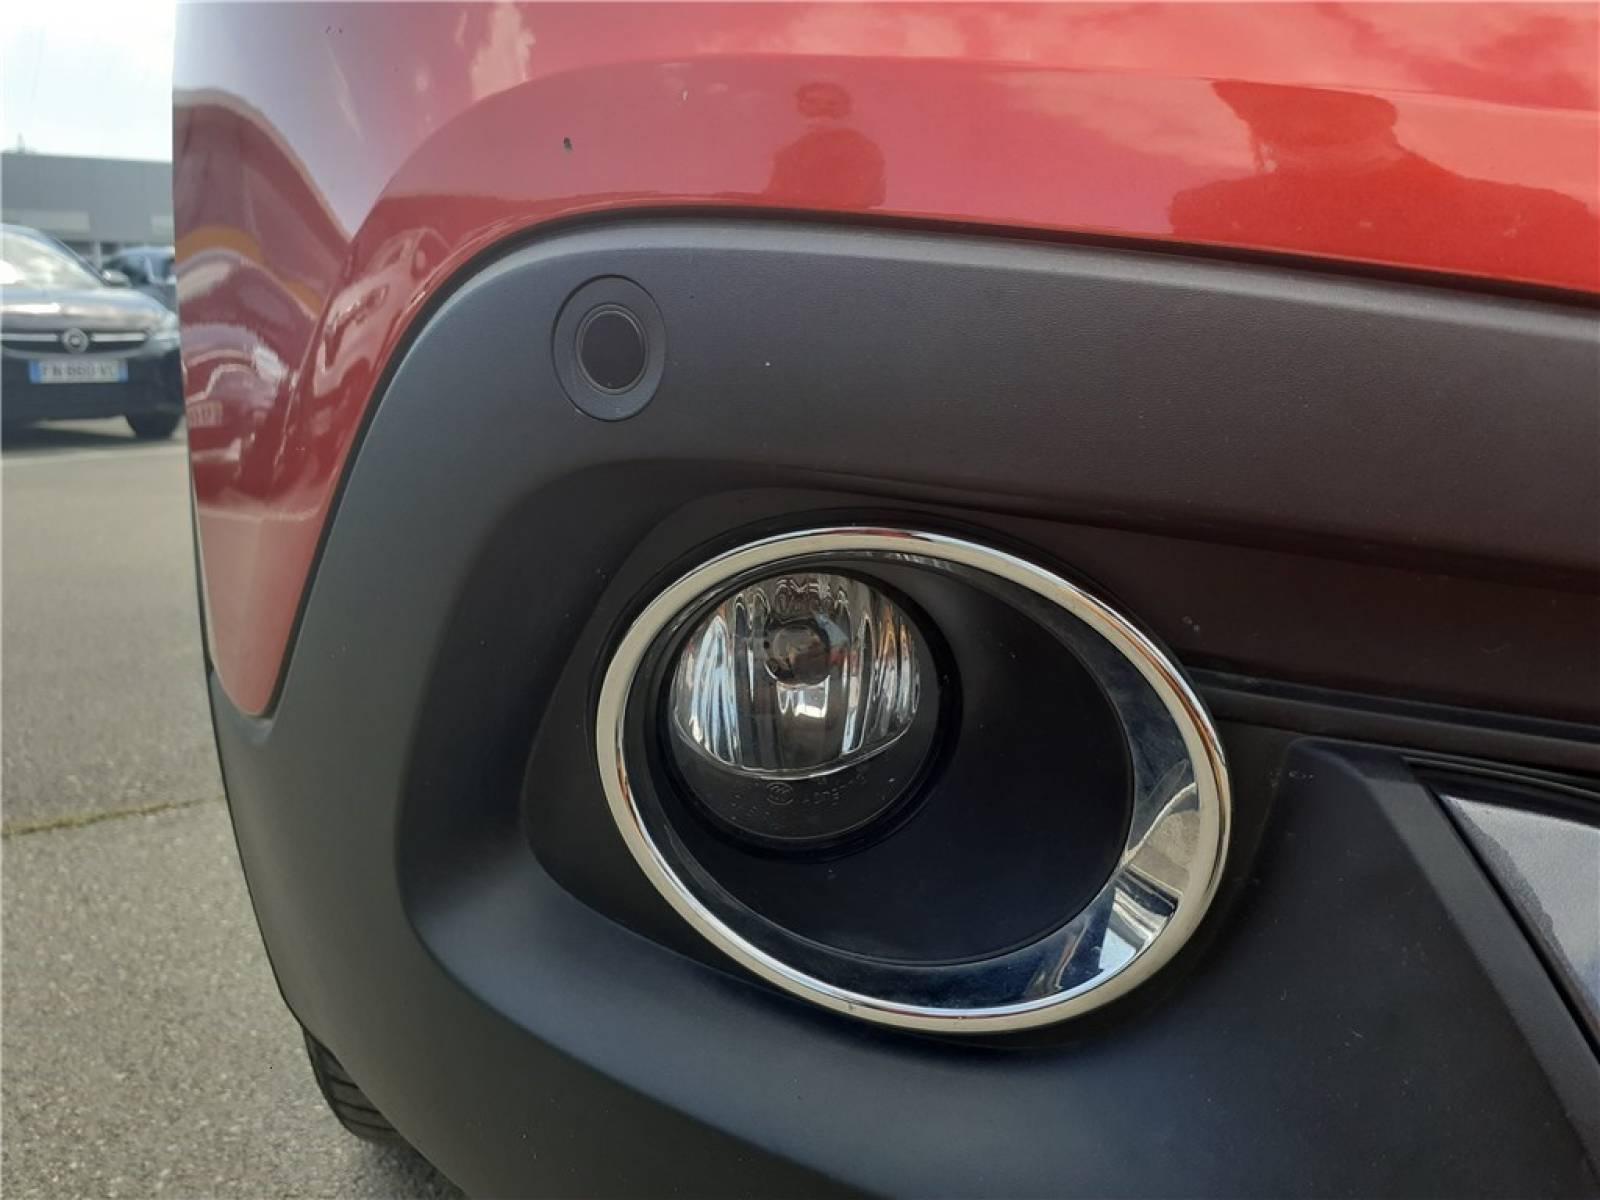 RENAULT Kadjar dCi 110 Energy eco² - véhicule d'occasion - Groupe Guillet - Hall de l'automobile - Chalon sur Saône - 71380 - Saint-Marcel - 10